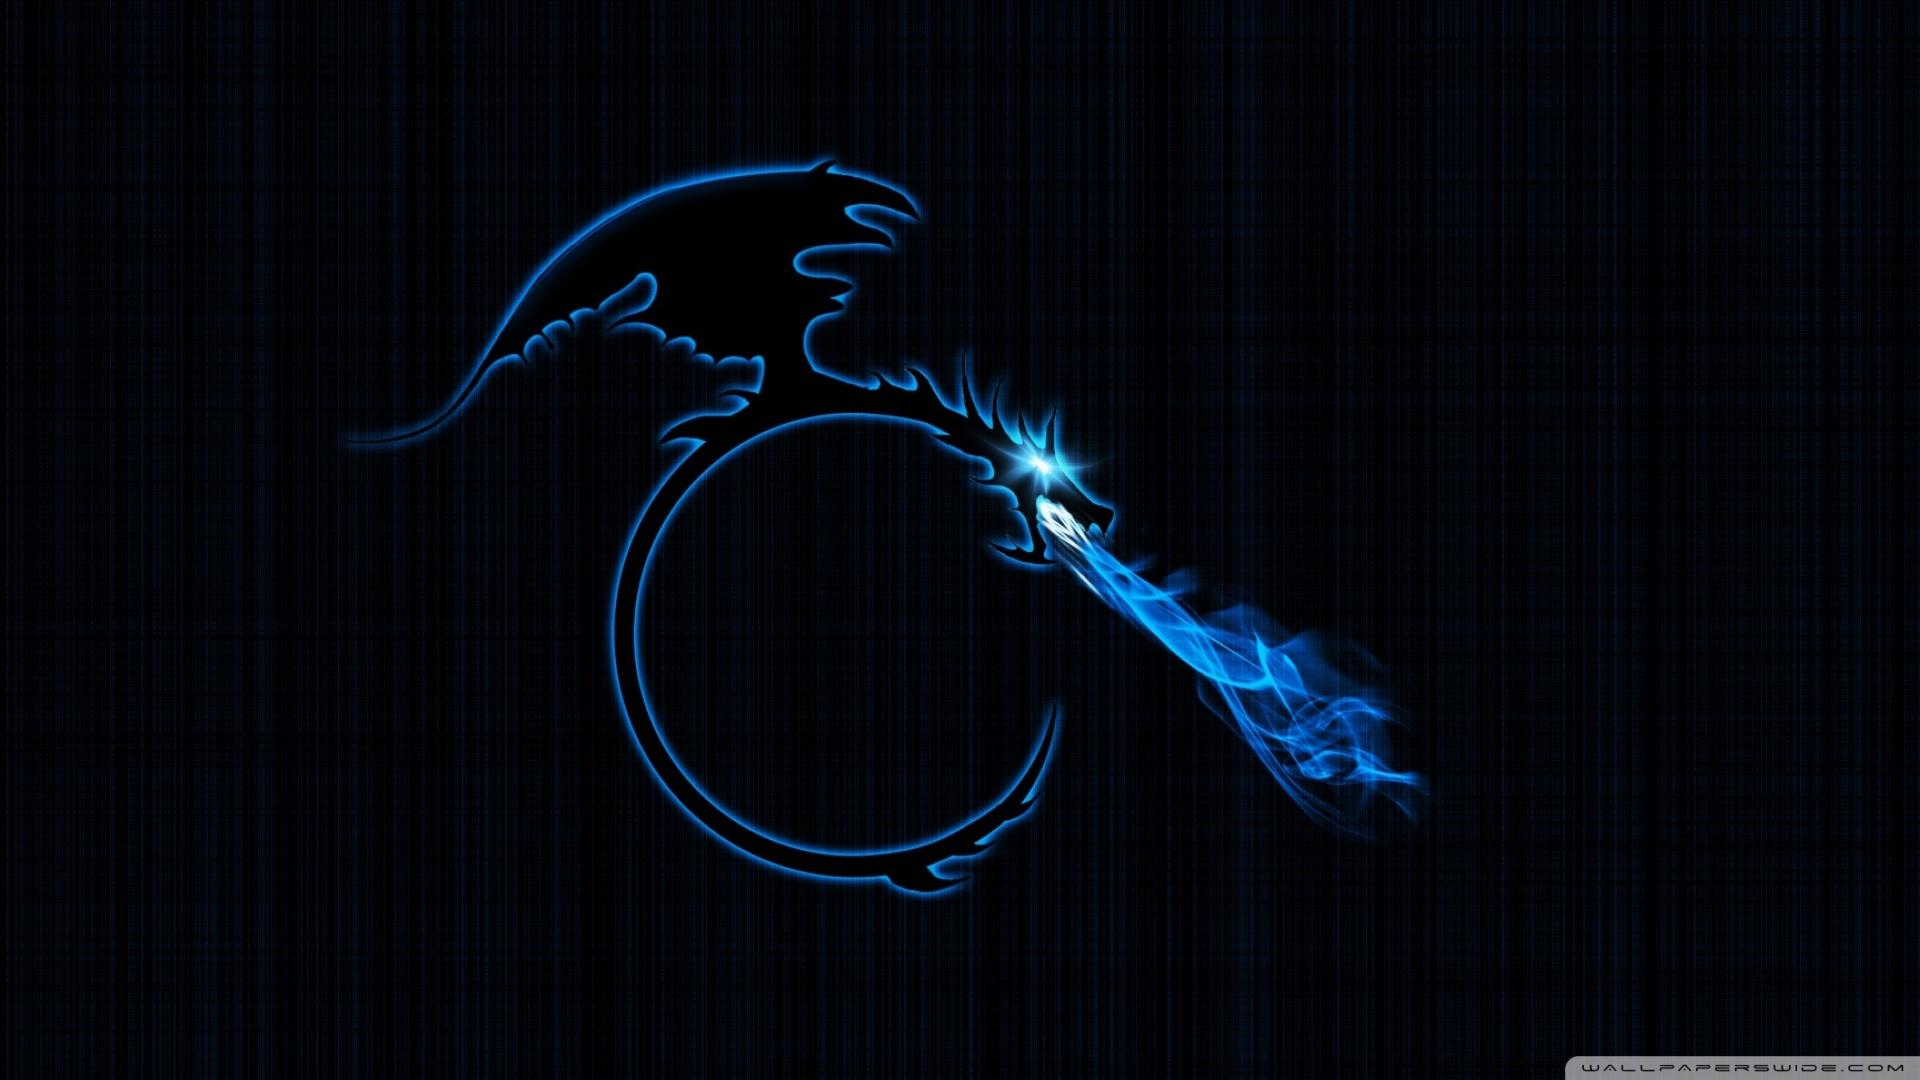 blue dragon wallpaper HD